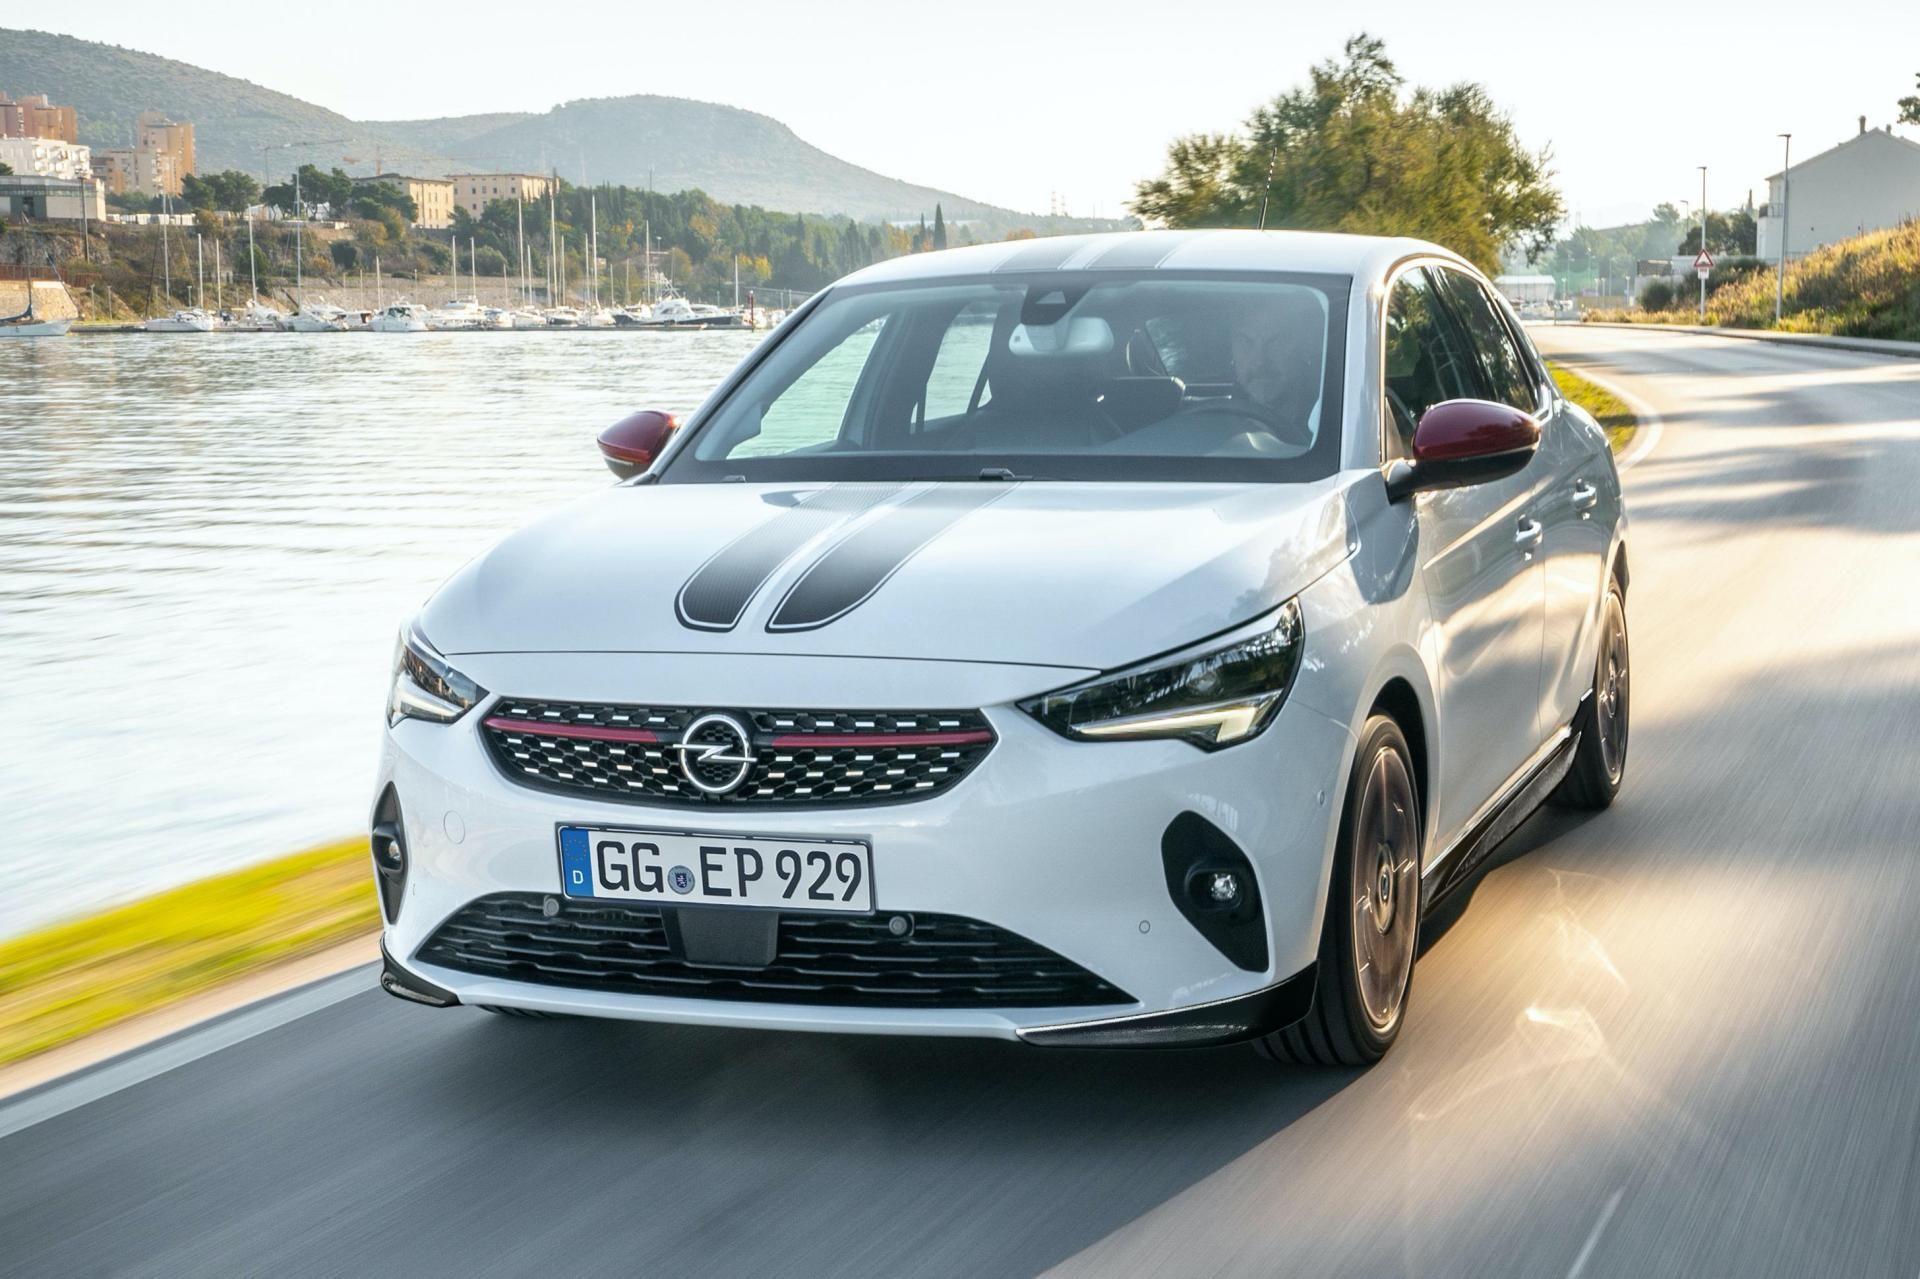 2020 Opel Corsa Ratings